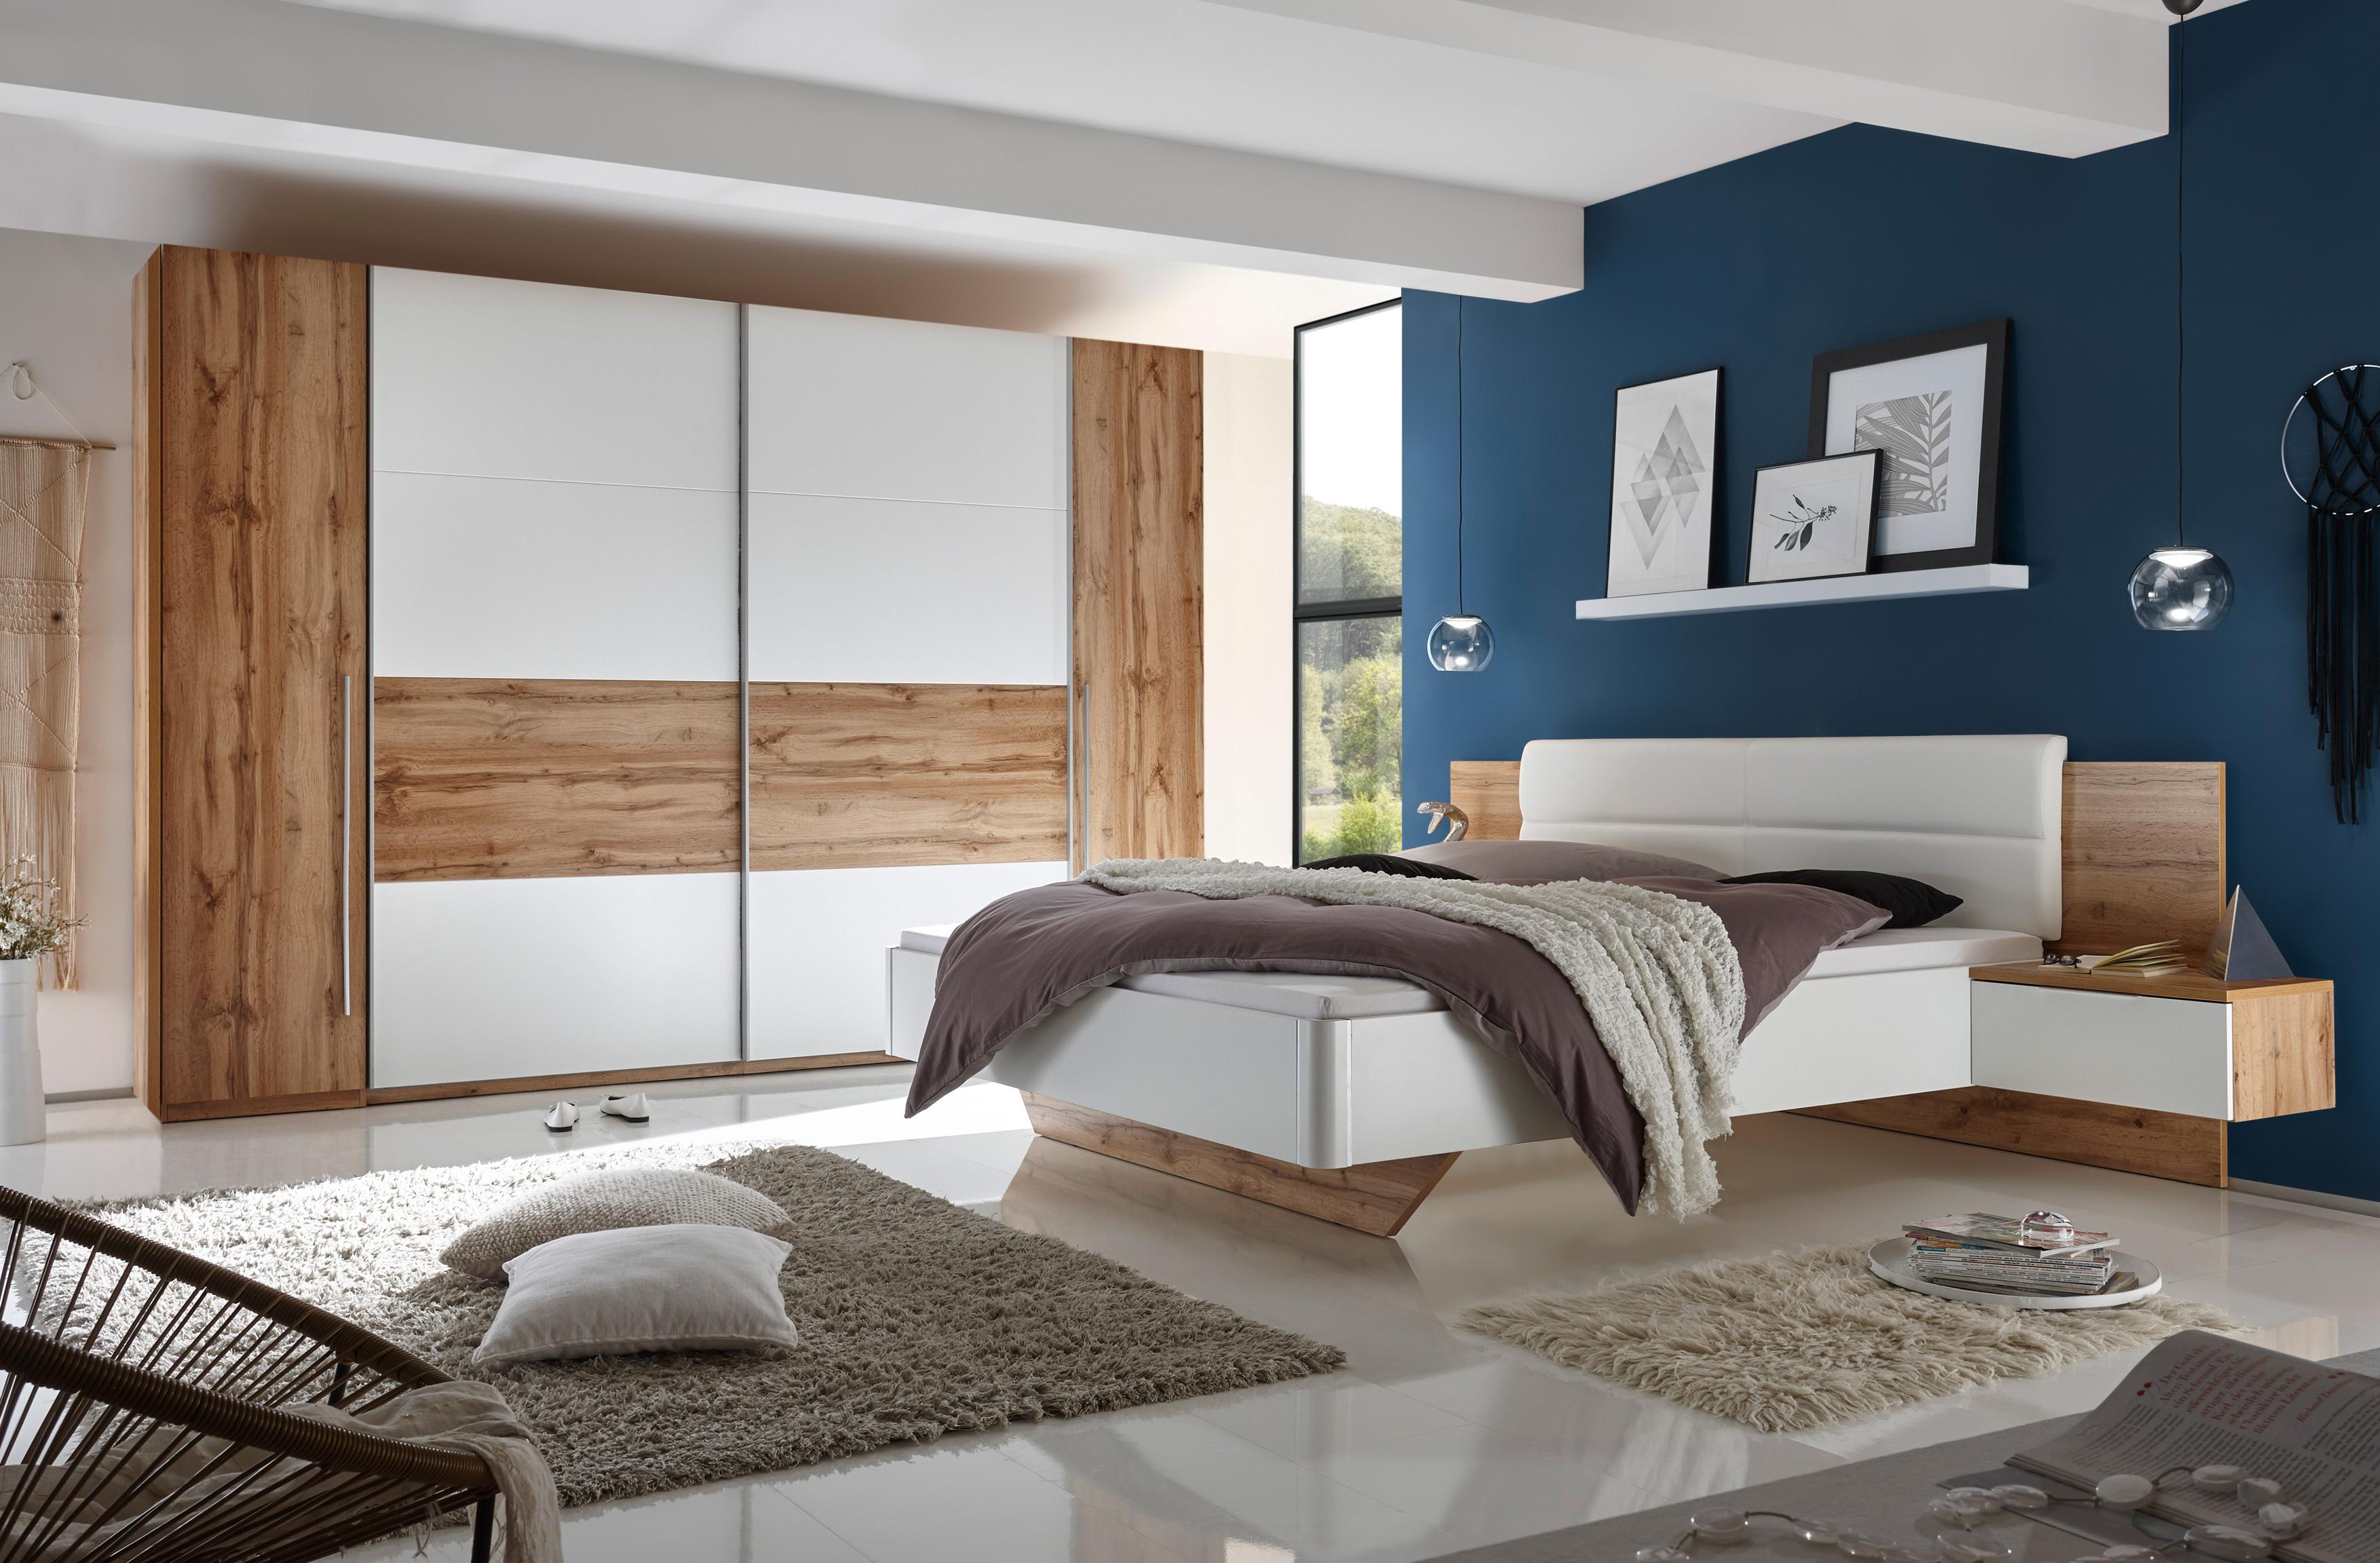 Schlafzimmer komplett set 4 tlg san marino wei wildeiche for Schlafzimmer komplett set